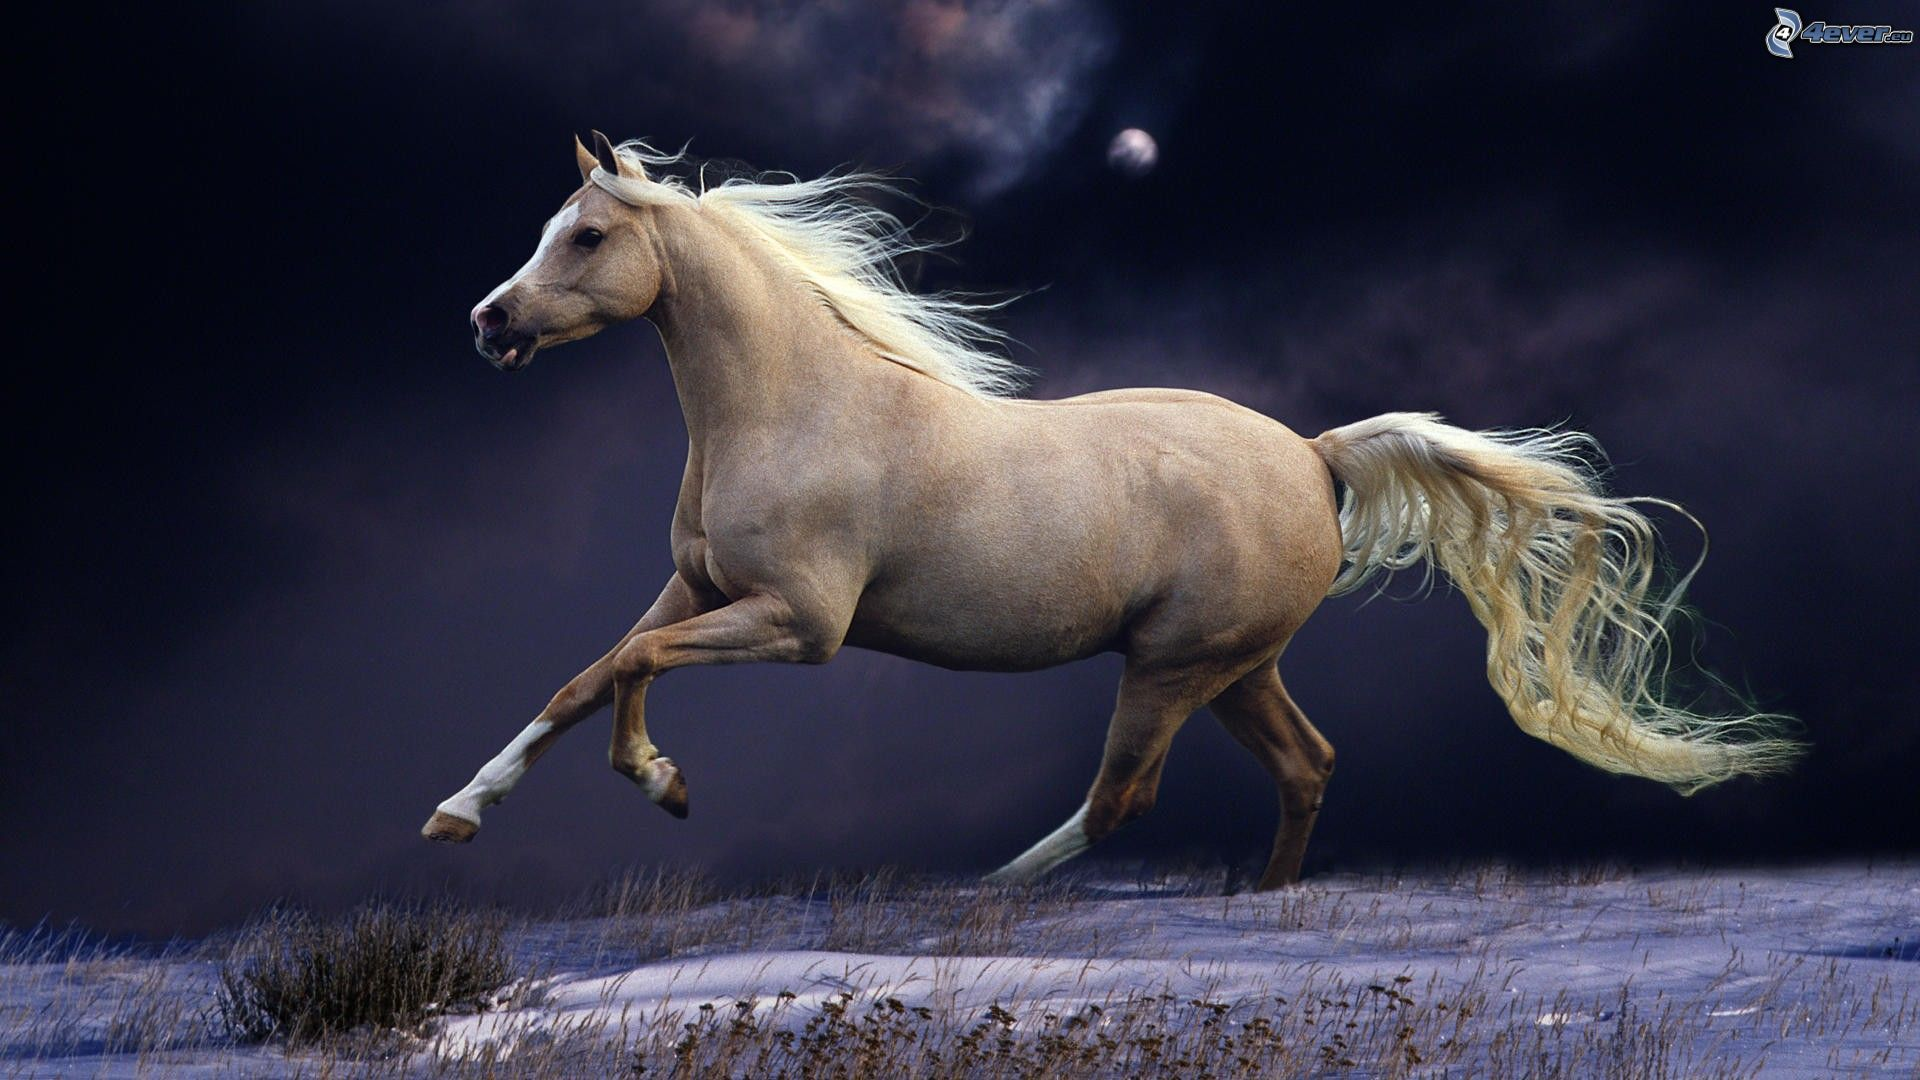 caballos pura sangre corriendo en el mar - Buscar con Google ...